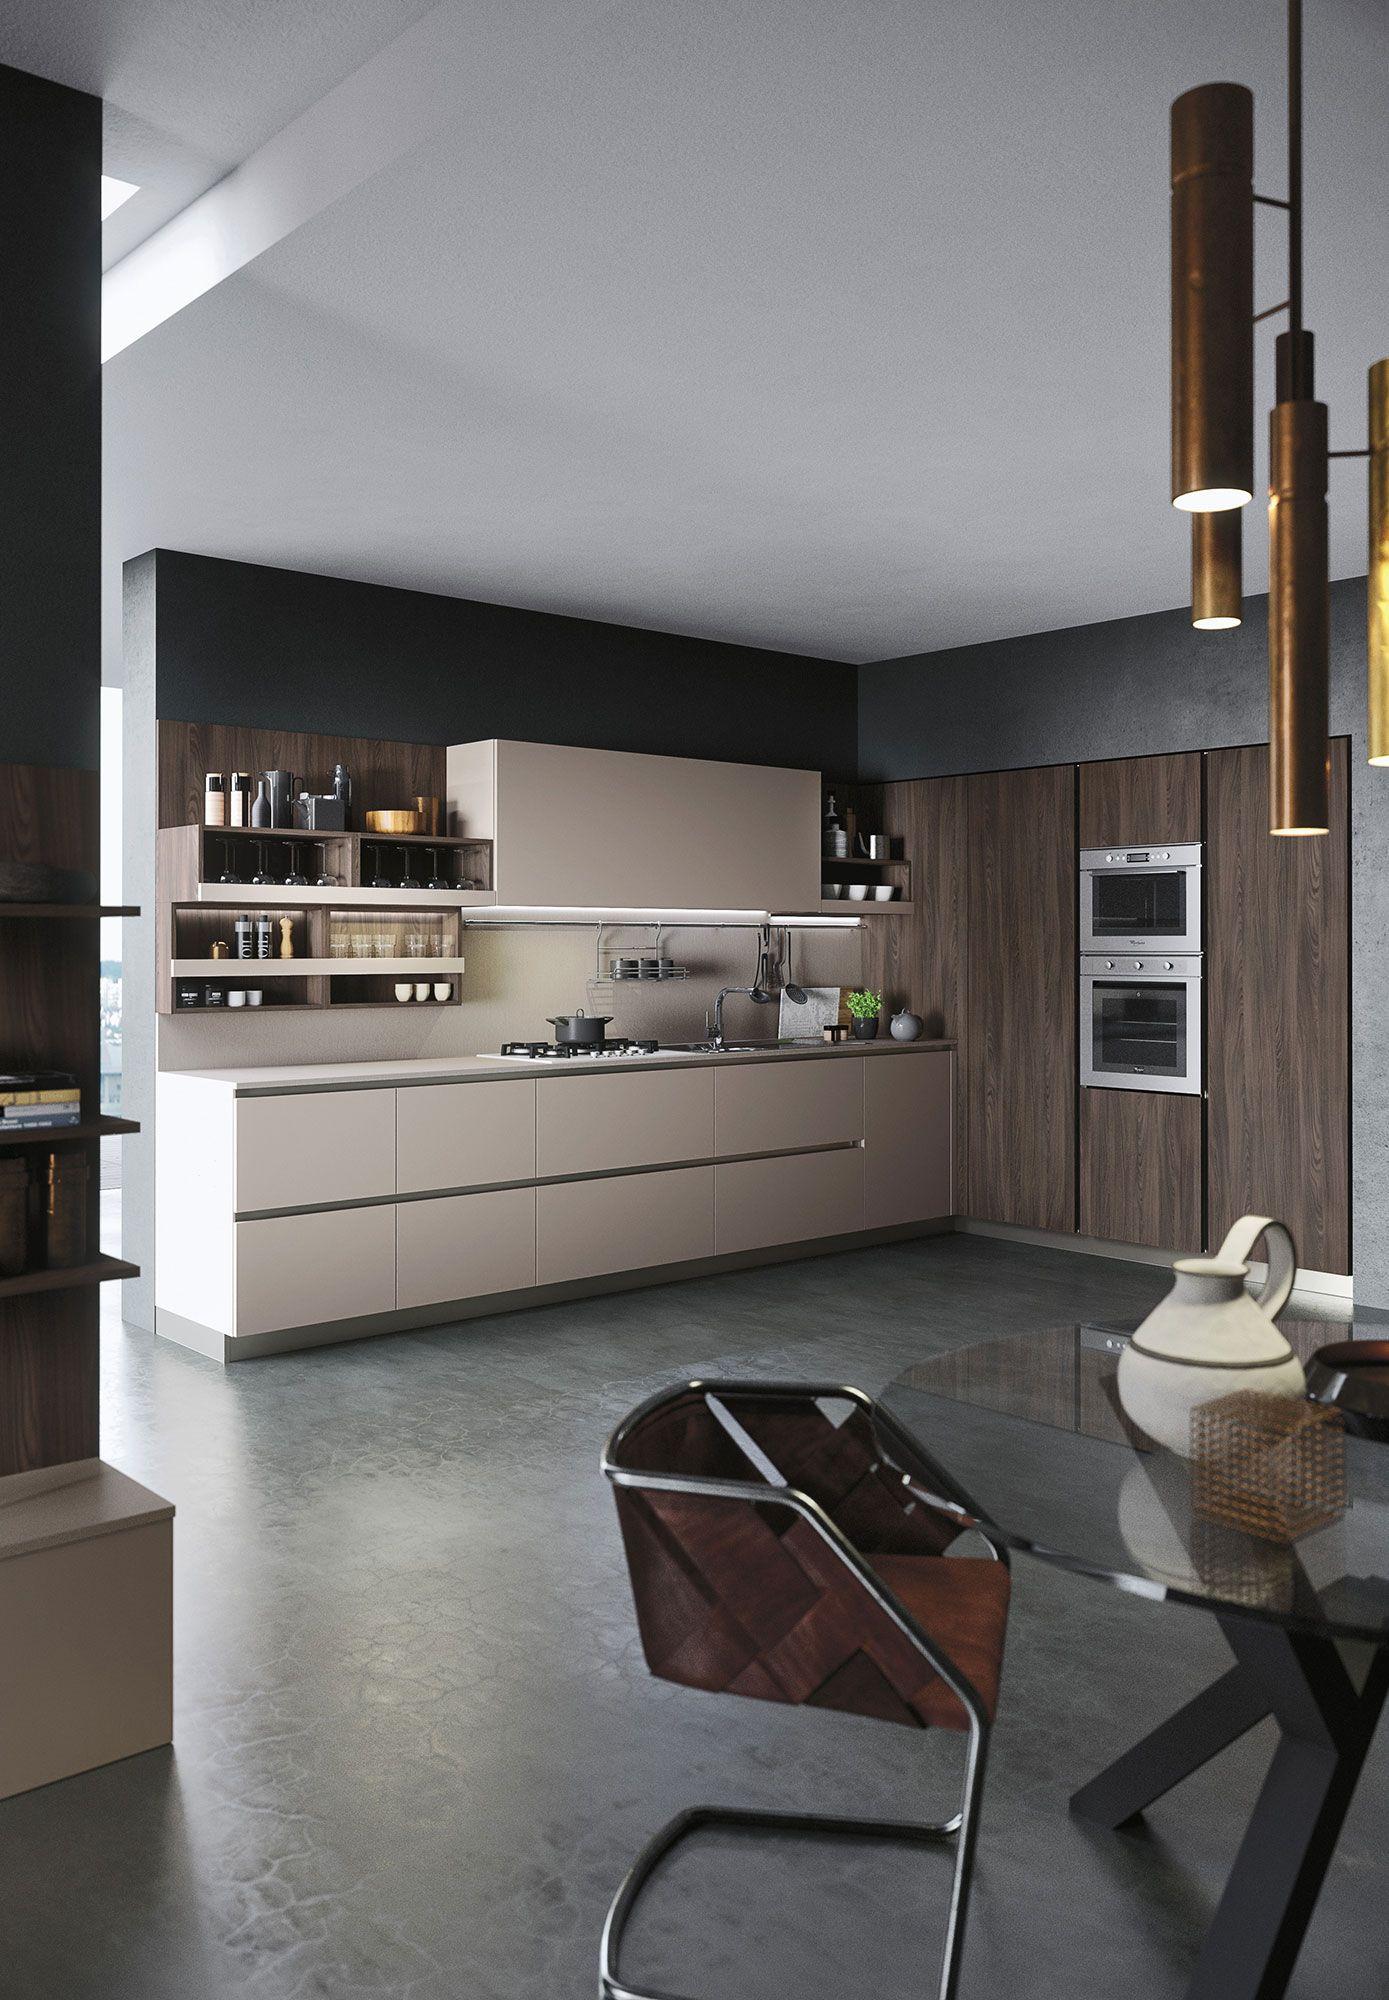 cuisine moderne First | Salon/Cuisine | Pinterest | Designs, Küche ...